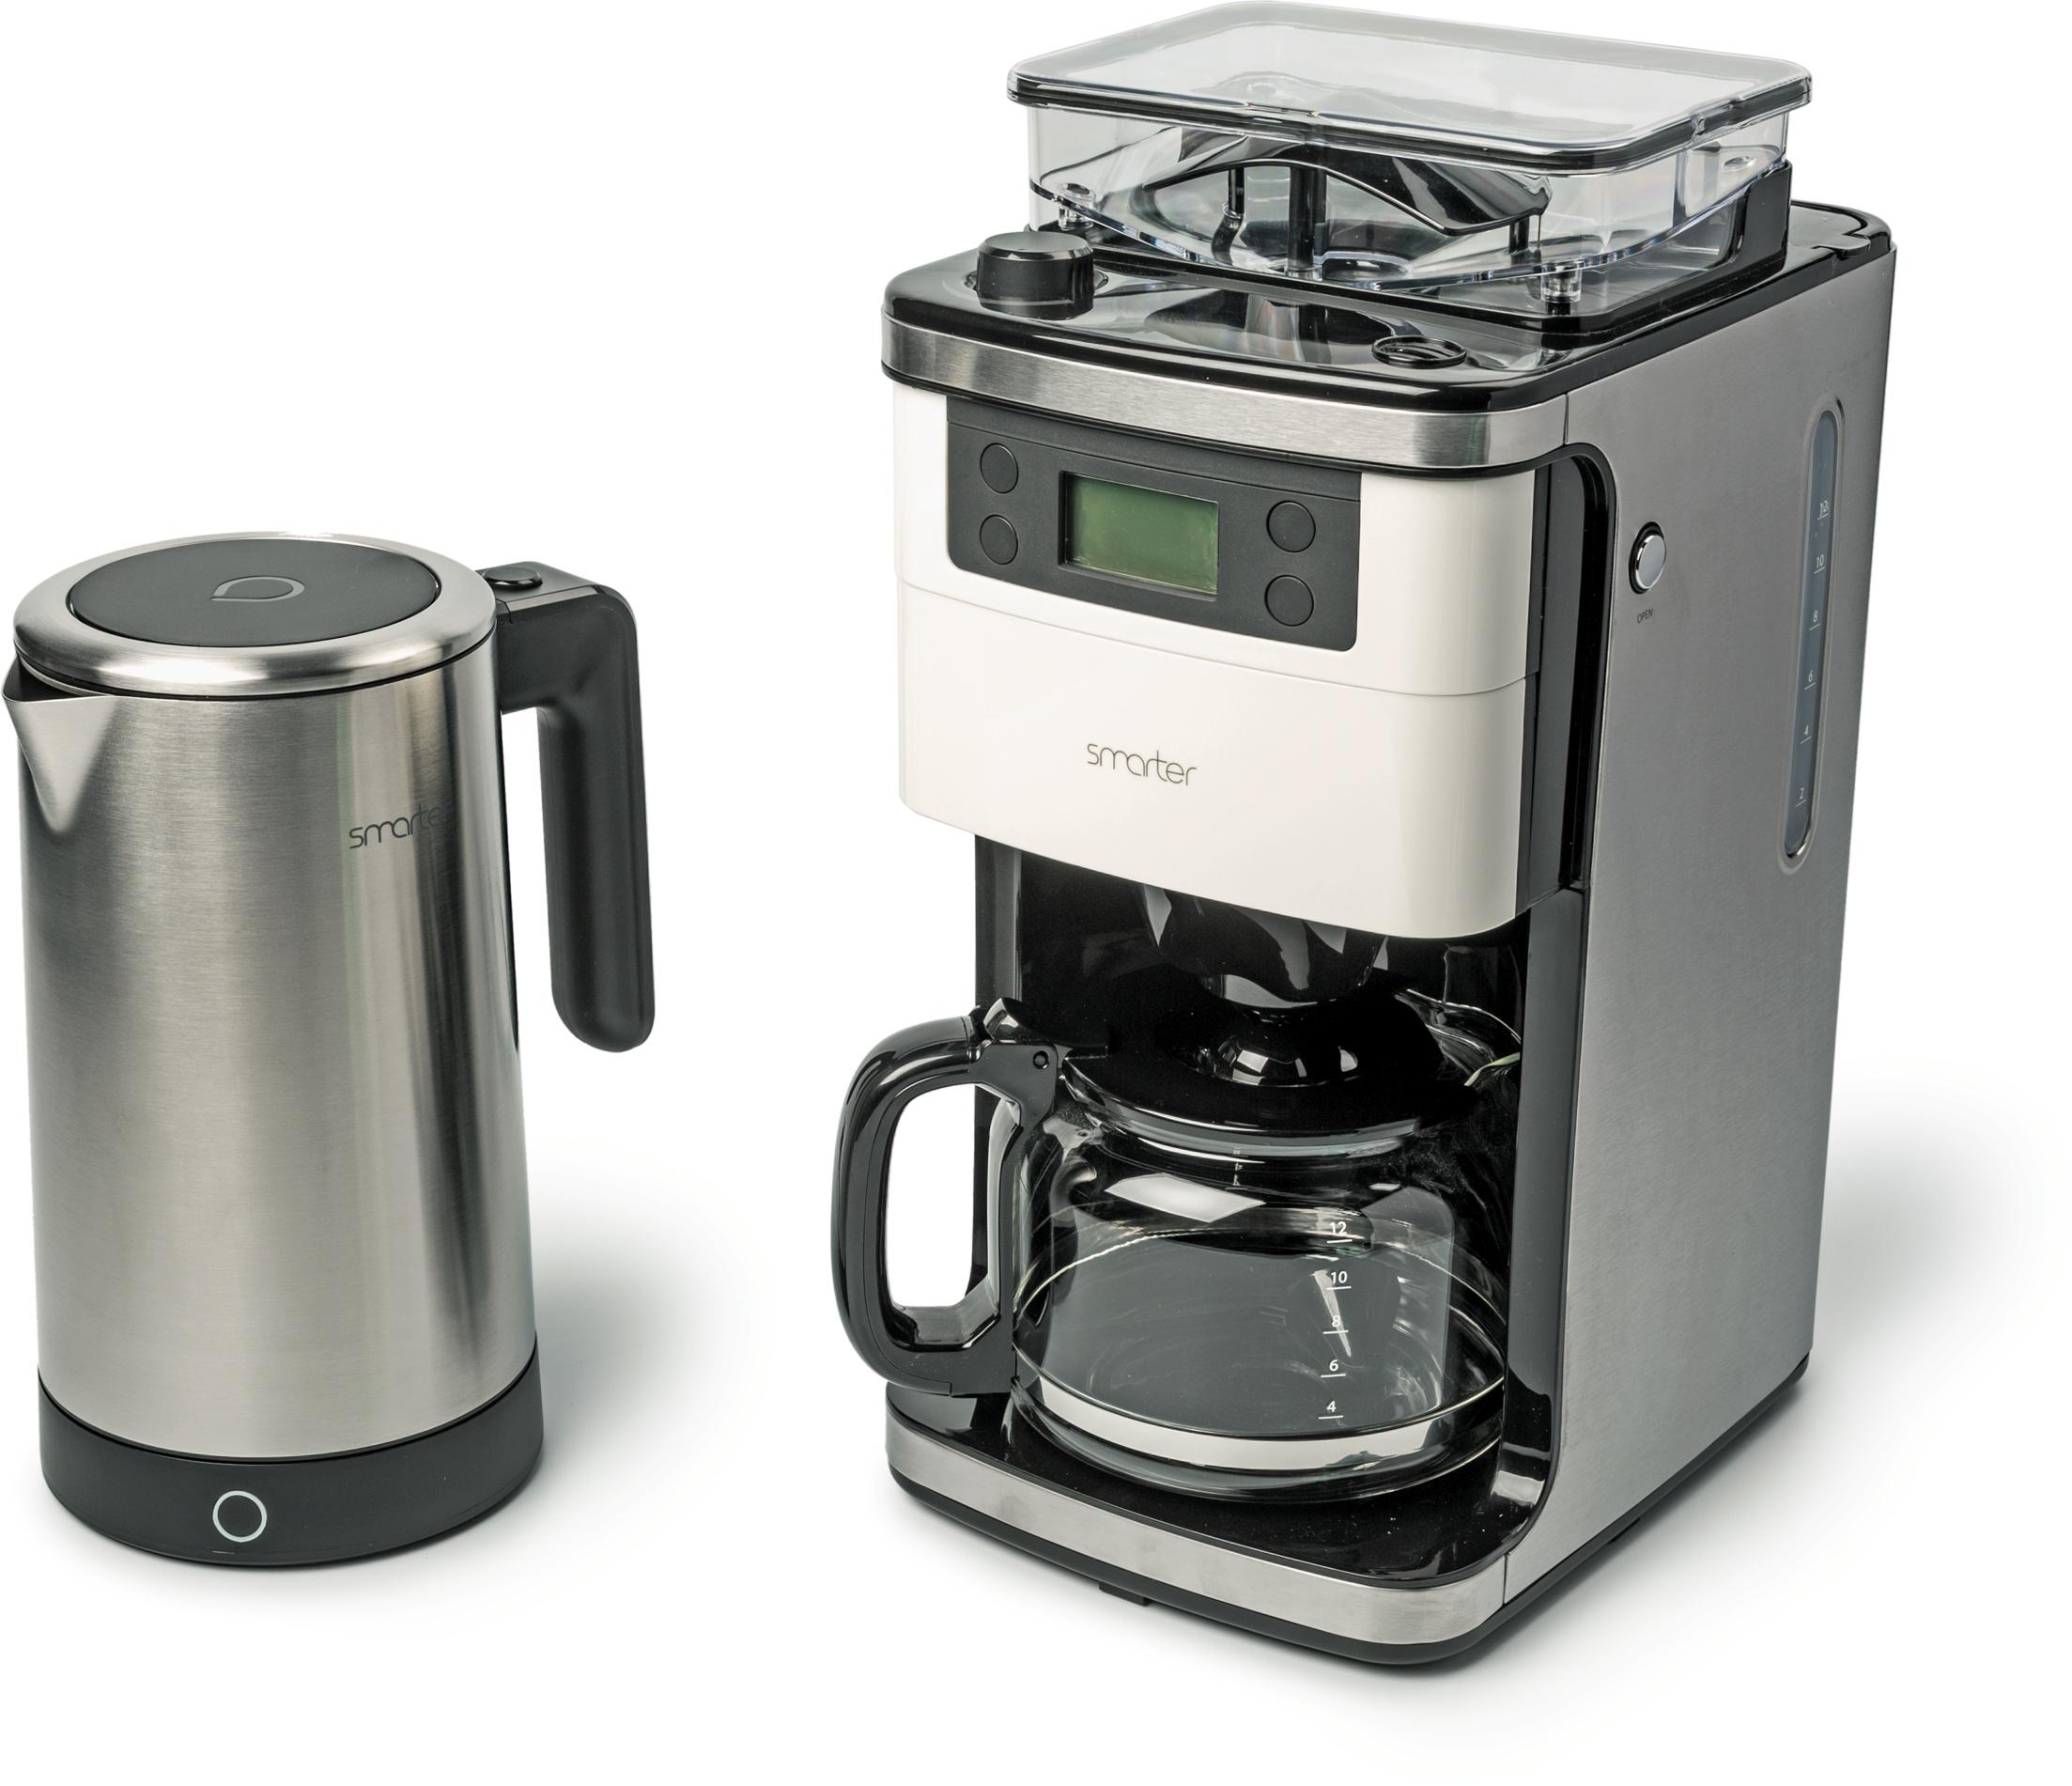 Der Wasserkocher IKettle 2.0 Und Die Kaffeemaschine Smarter Coffee  Unterscheiden Sich Von Gewöhnlichen Geräten Dieser Art Durch Eine App  Anbindung Per WLAN.